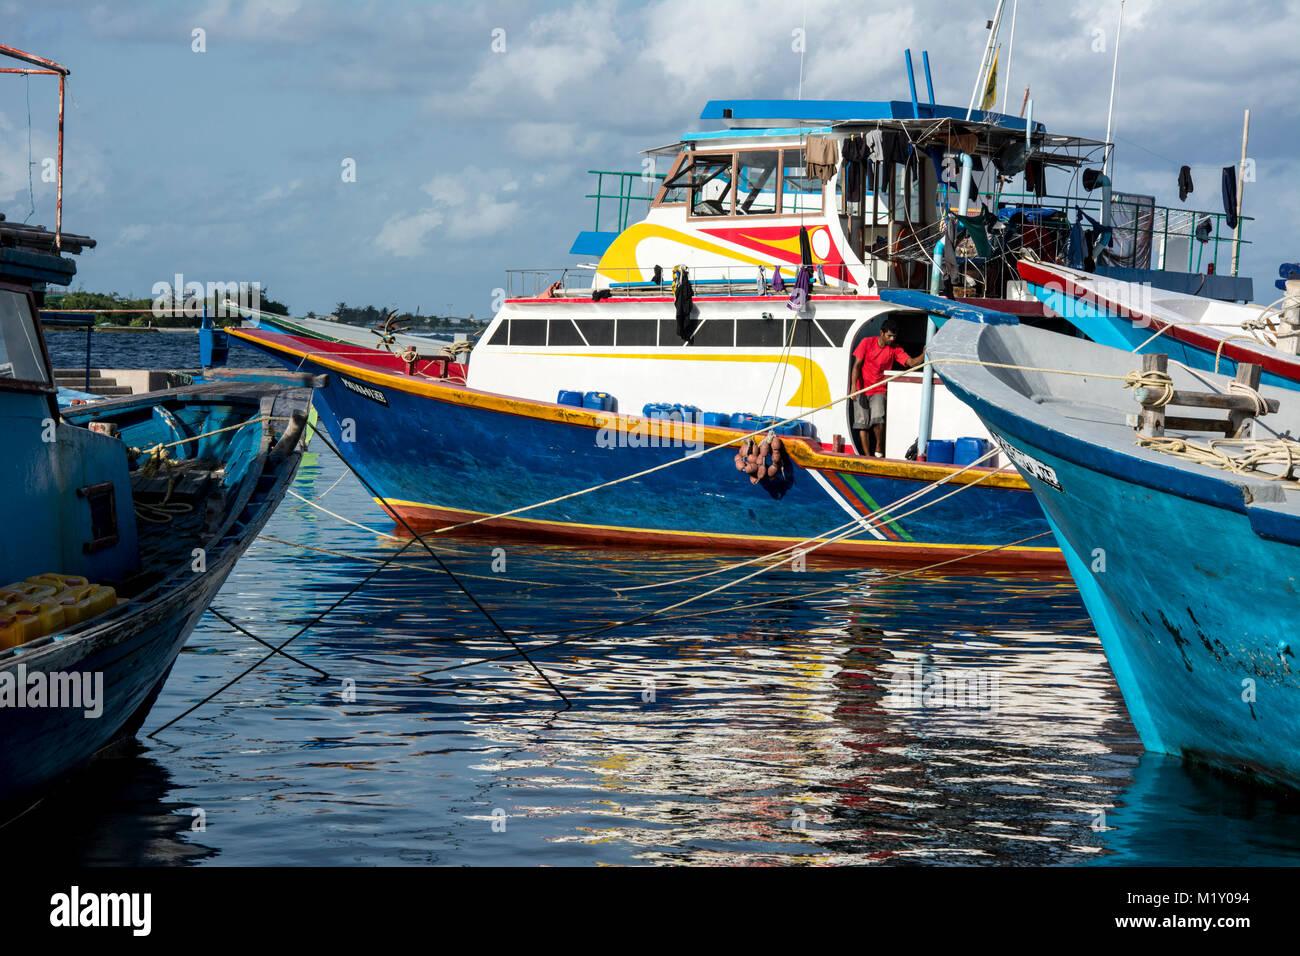 In dem lebendigen Hafen von Malé, der Hauptstadt der Malediven, legen viele Fischer an, um ihren Fang in der - Stock Image